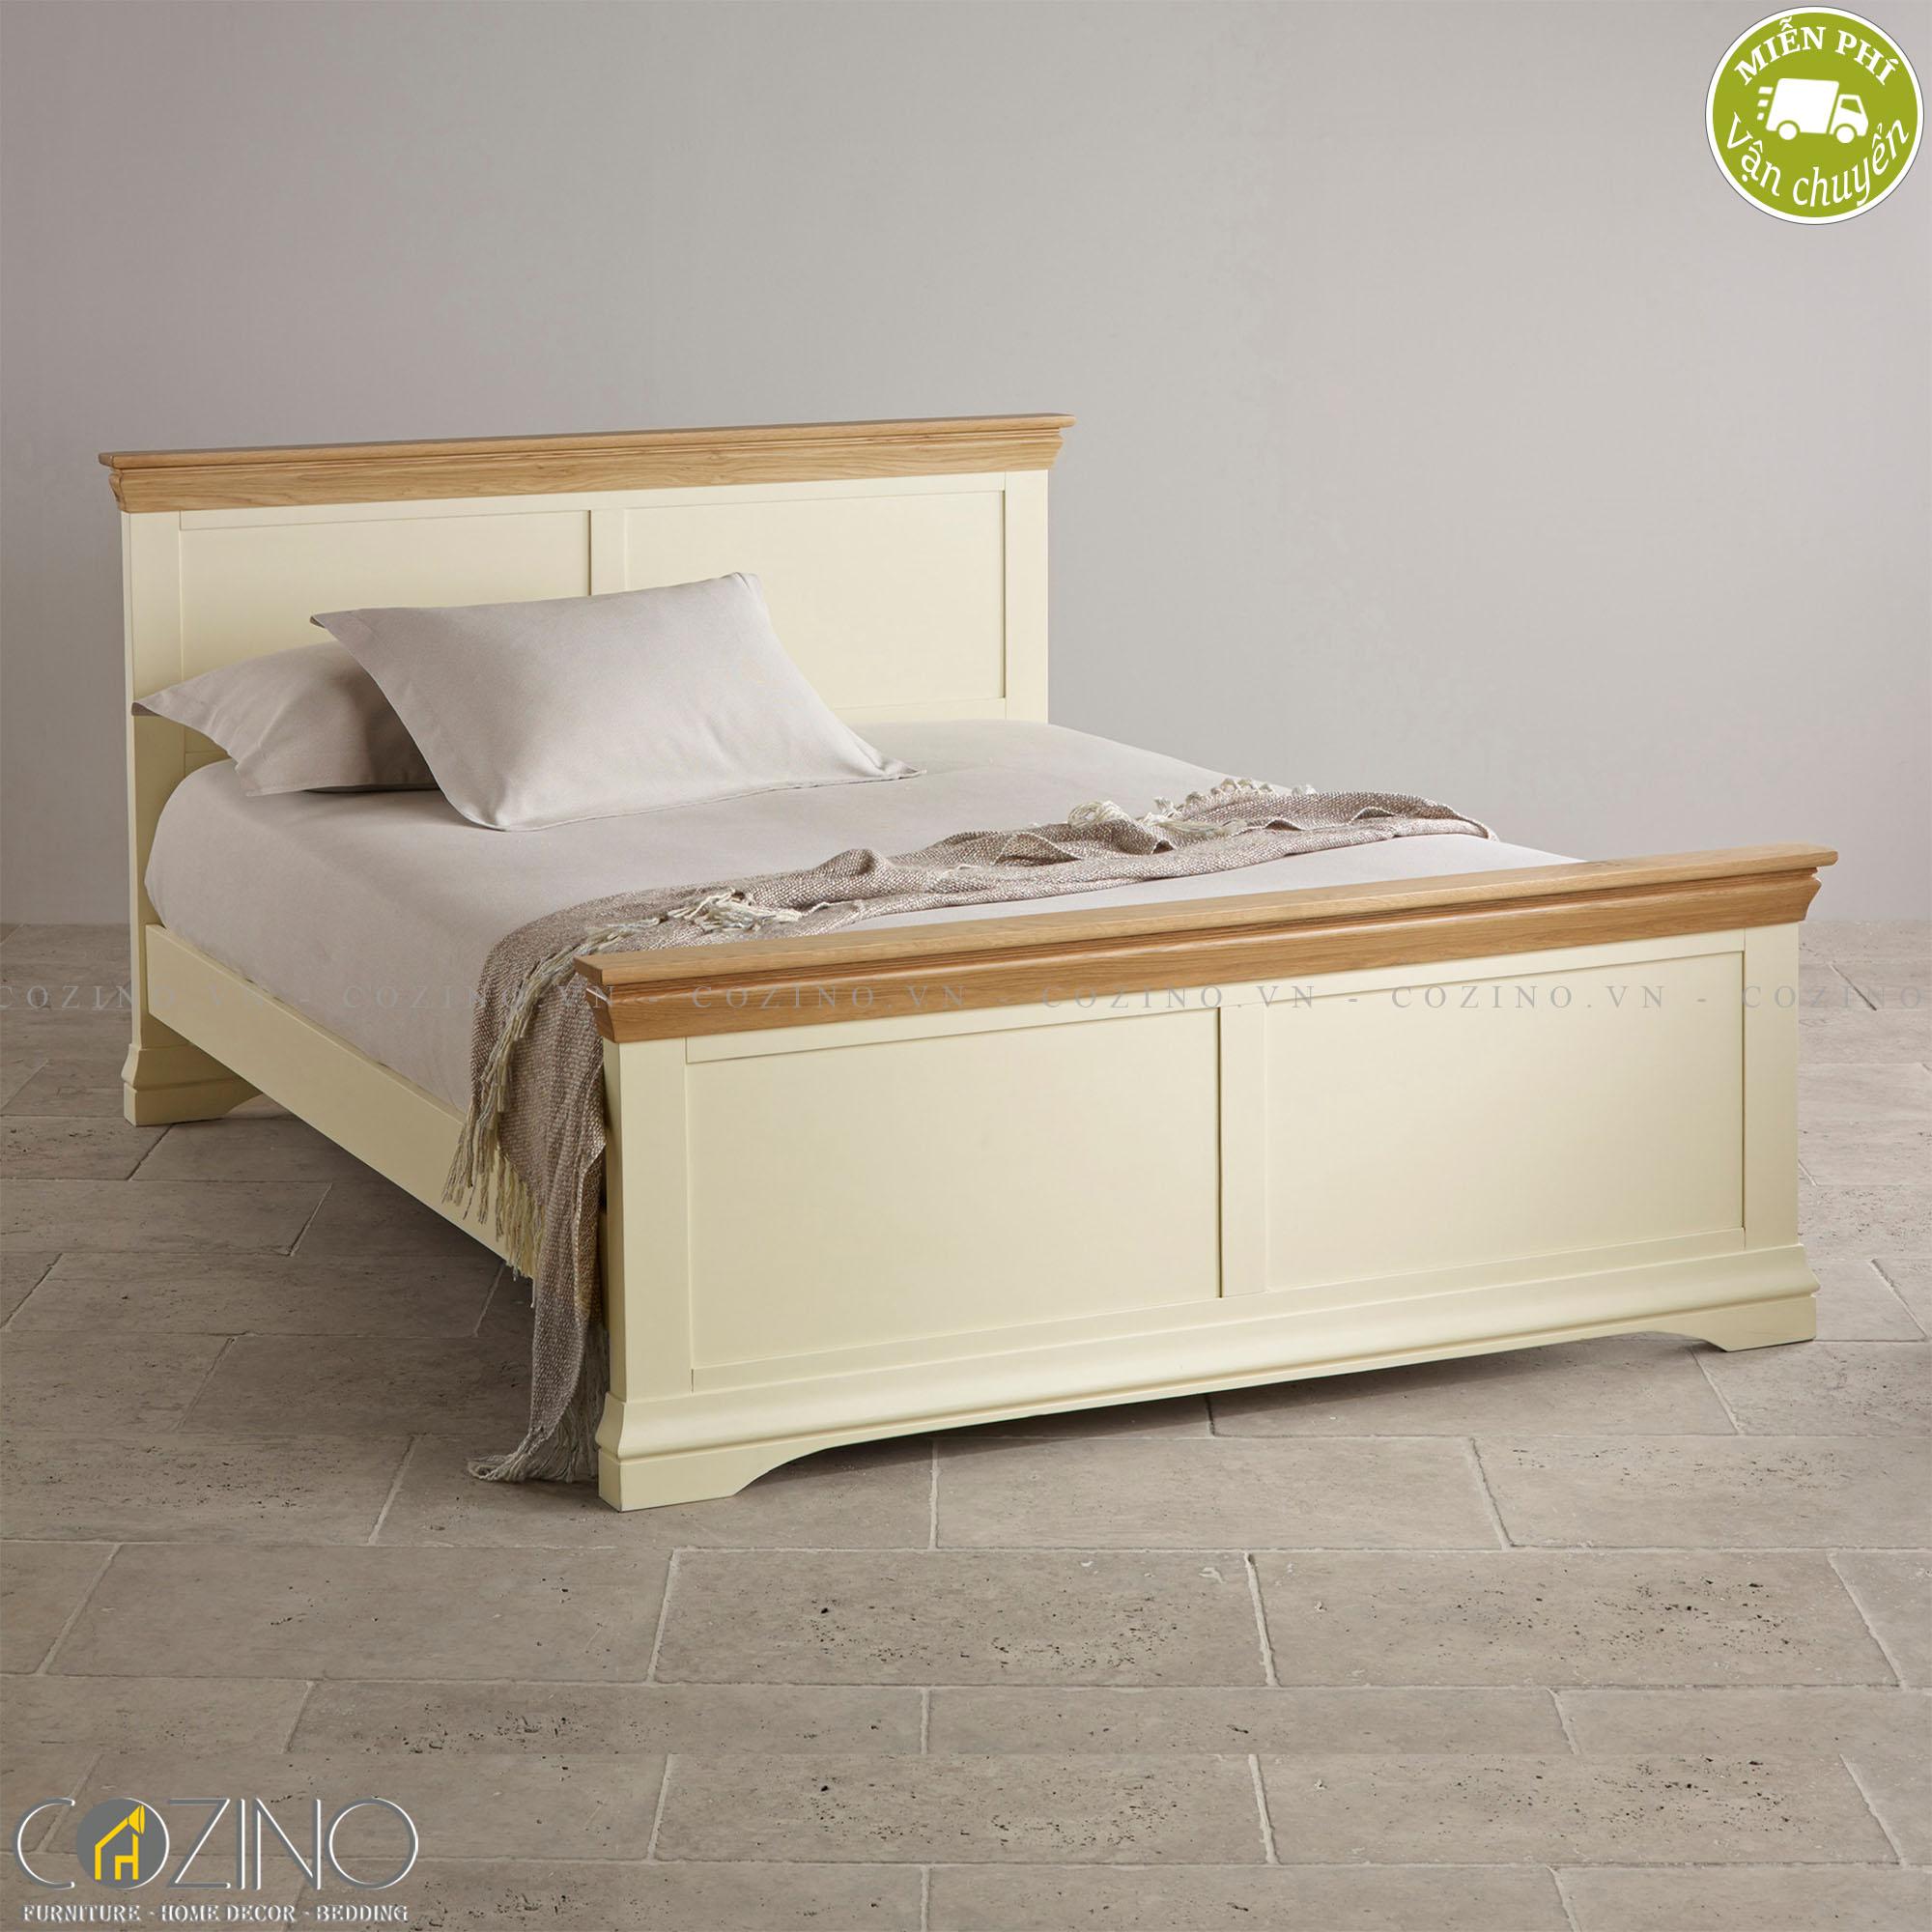 Giường đôi Canary 100% gỗ sồi 2m2 - Cozino